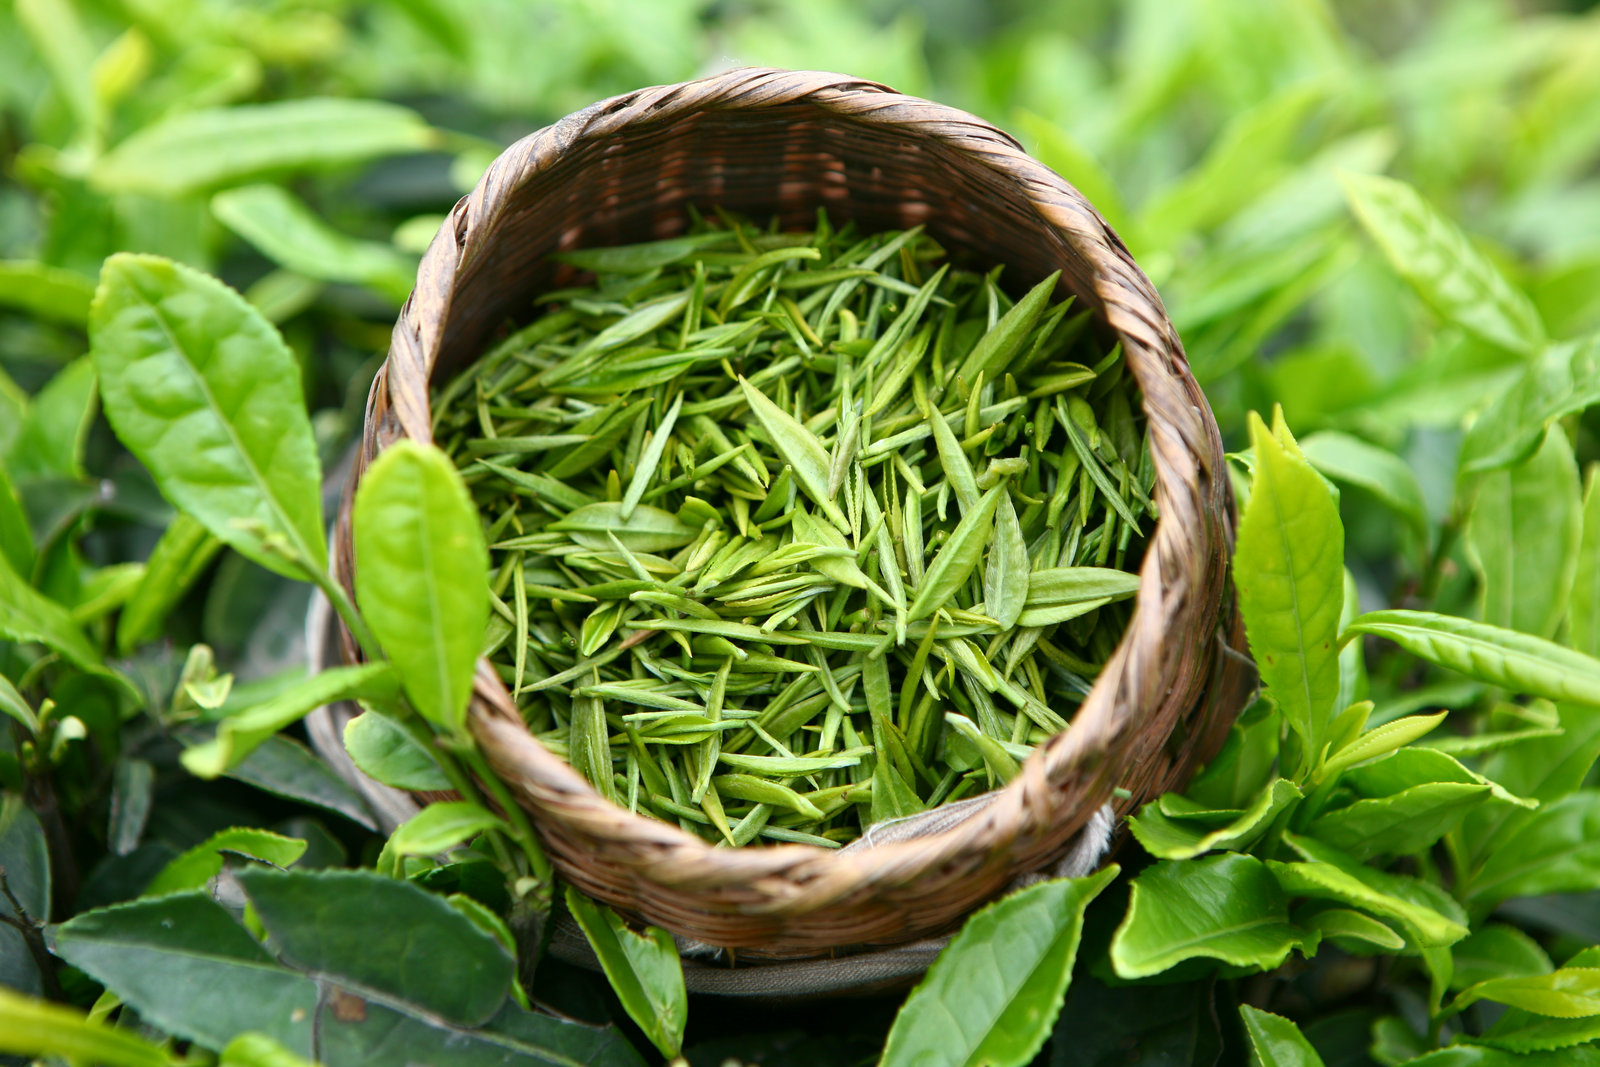 Польза и вред зеленого чая: все о свойствах любимого всеми напитка